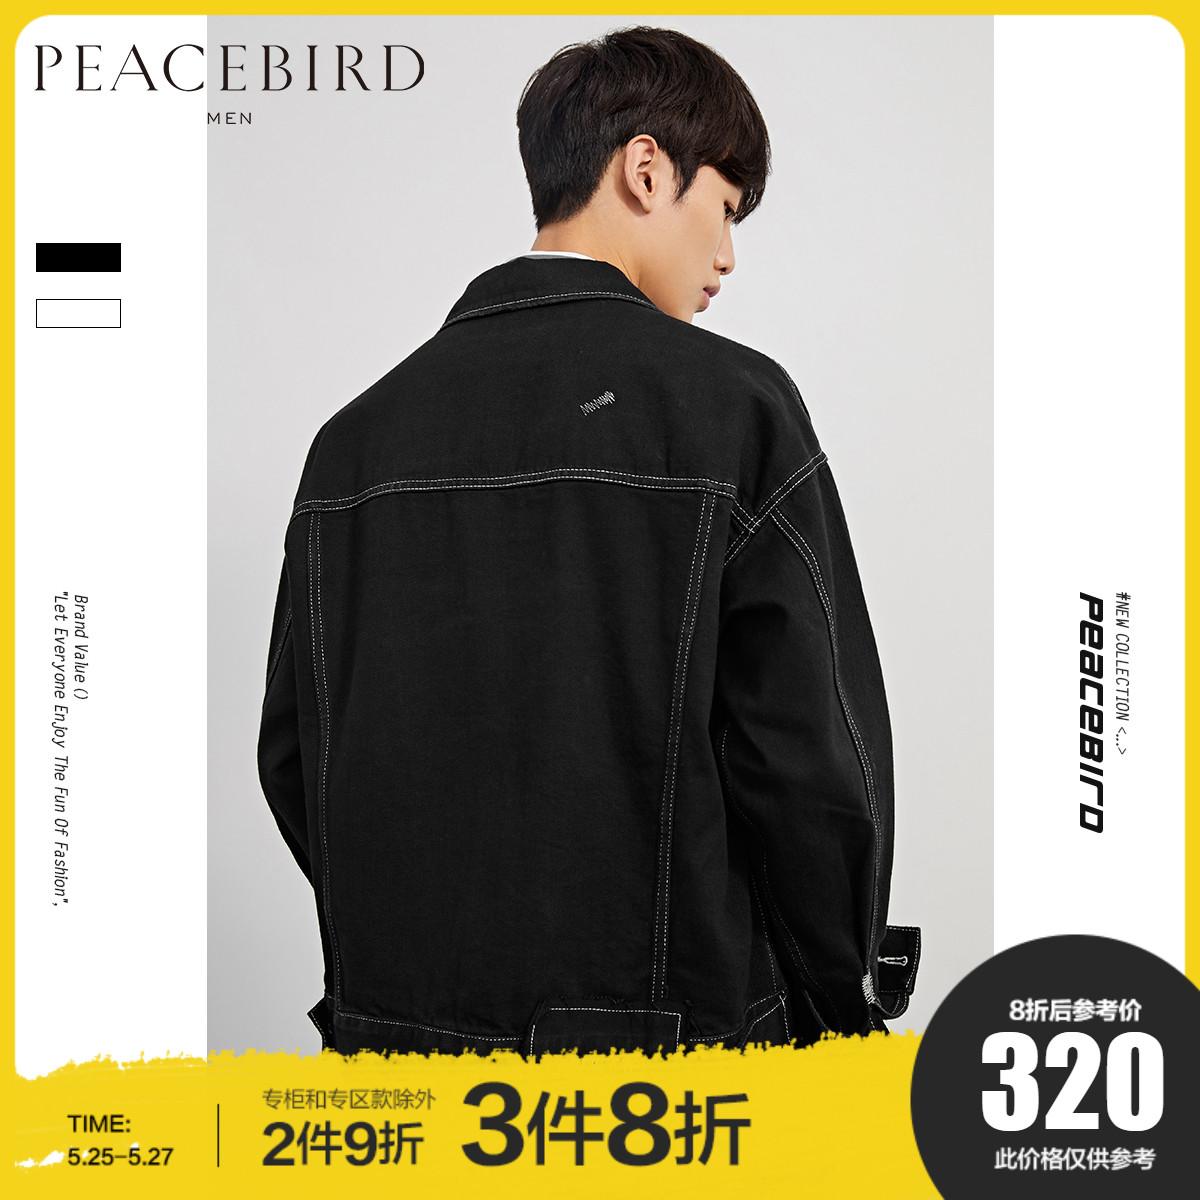 太平鸟男装 明线夹克男士牛仔夹克工装茄克潮流青年翻领外套韩版图片